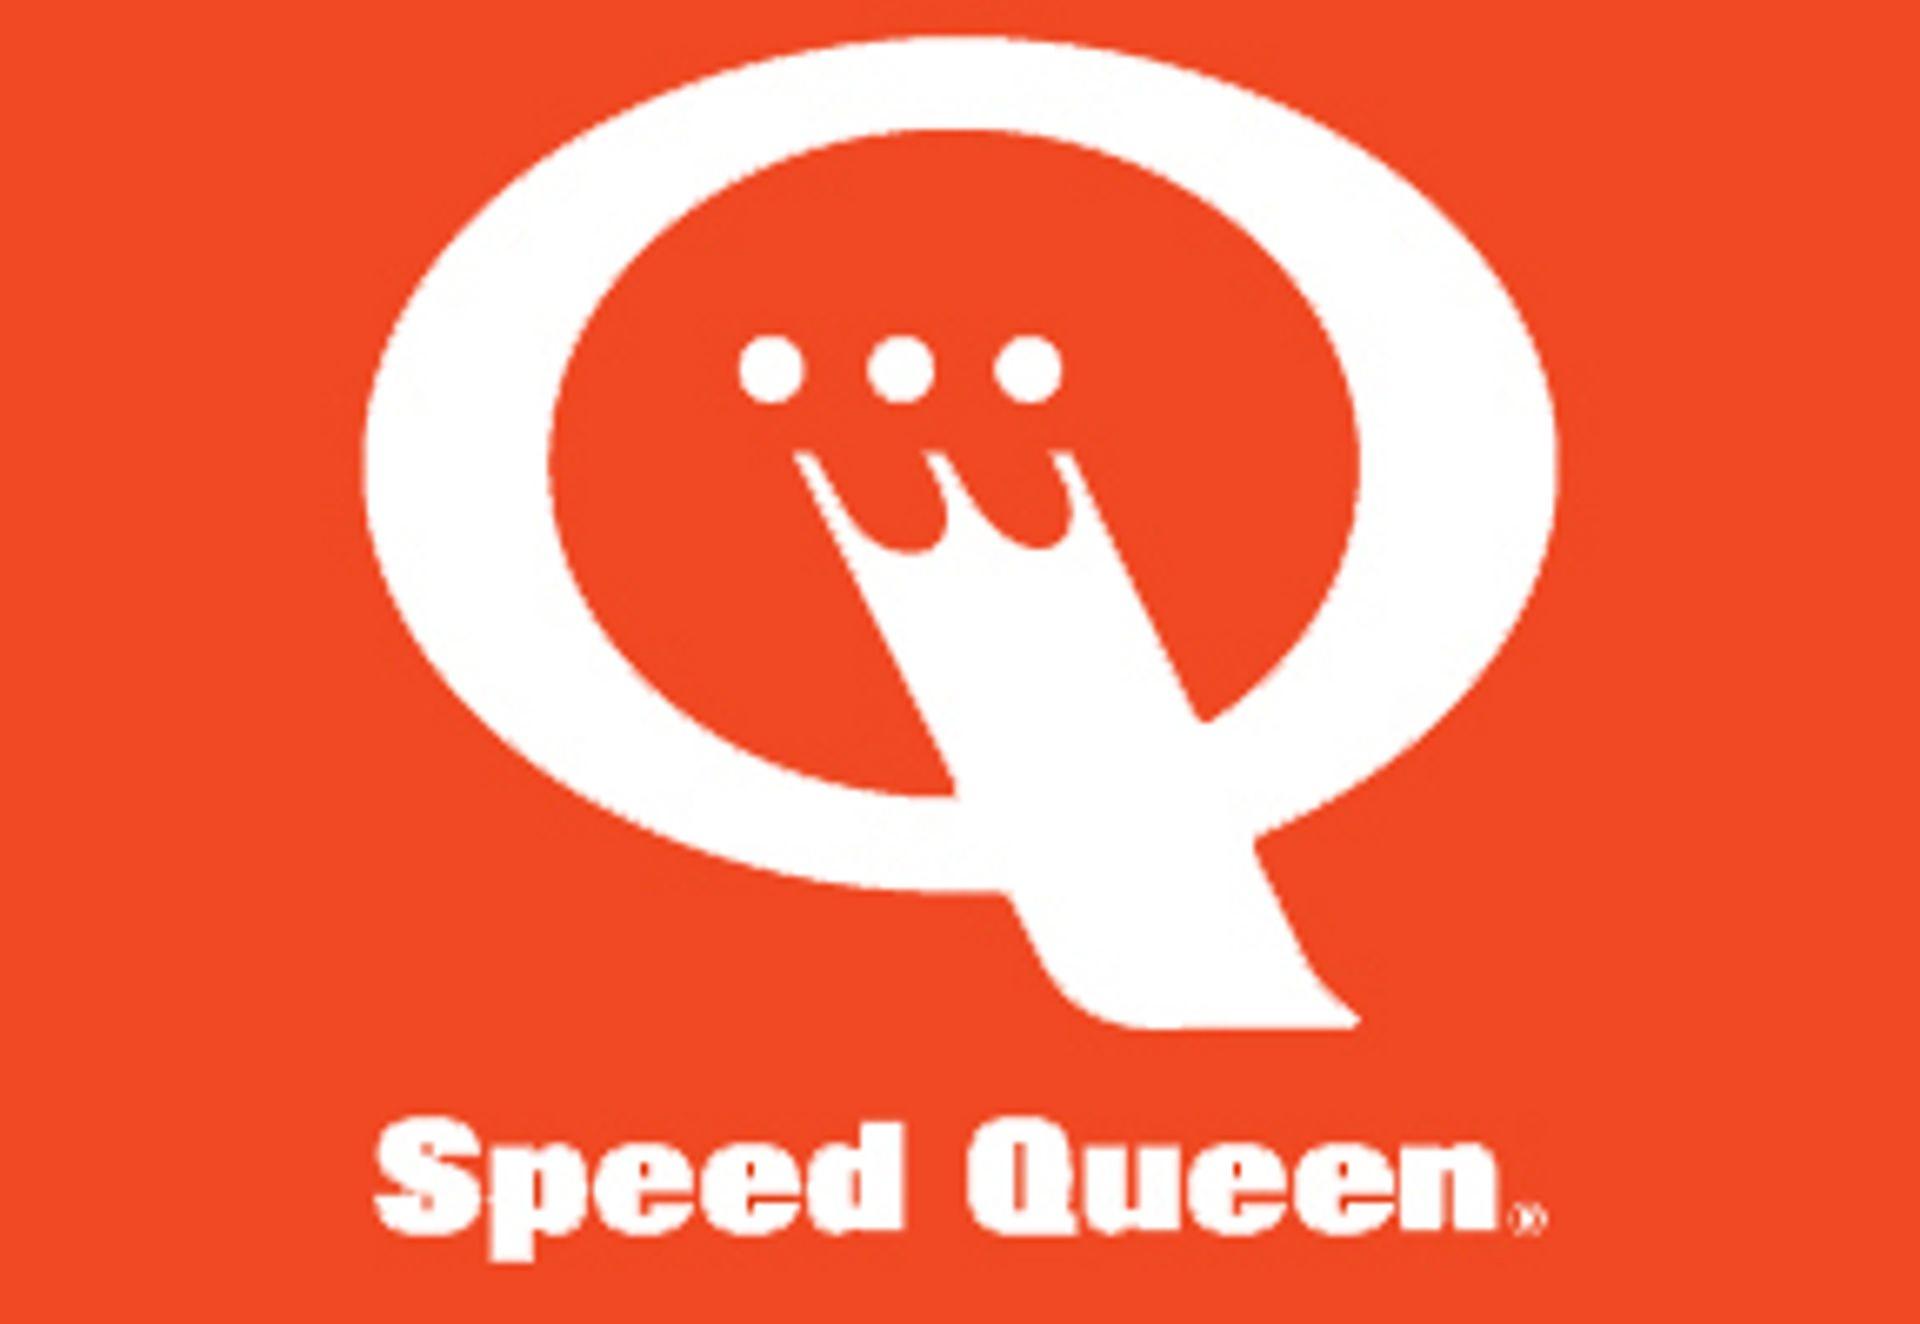 Speed Queen